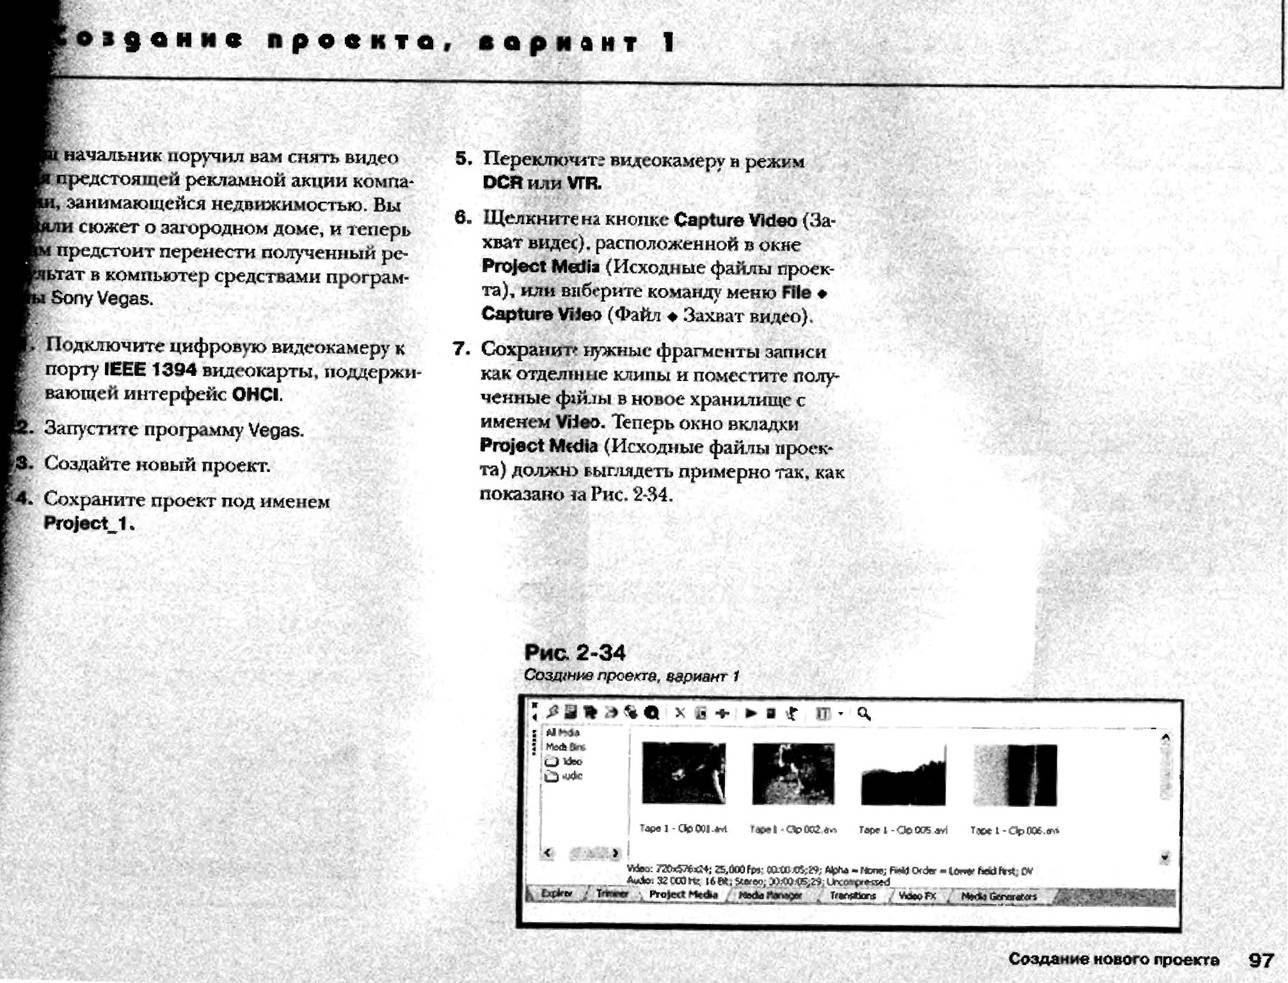 http://redaktori-uroki.3dn.ru/_ph/12/654406448.jpg